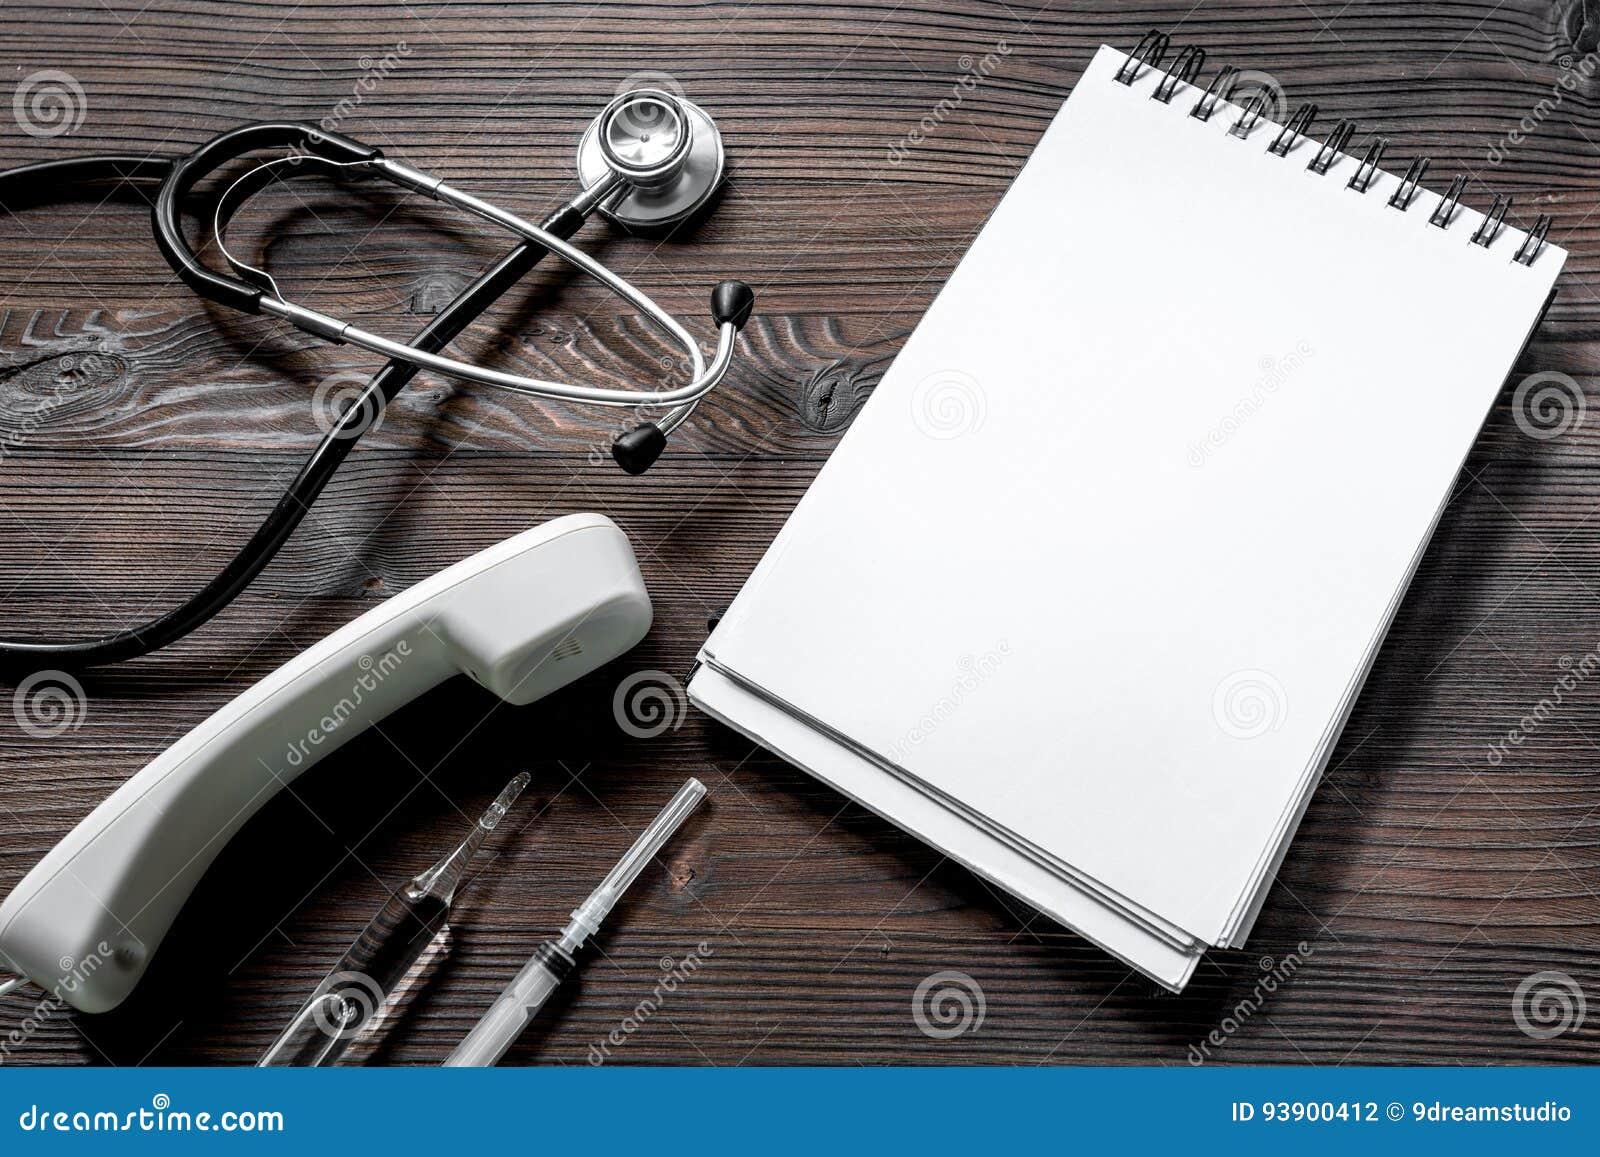 Phone Handset, Phonendoscope, Syringe, Ampoule And Notebook On ...